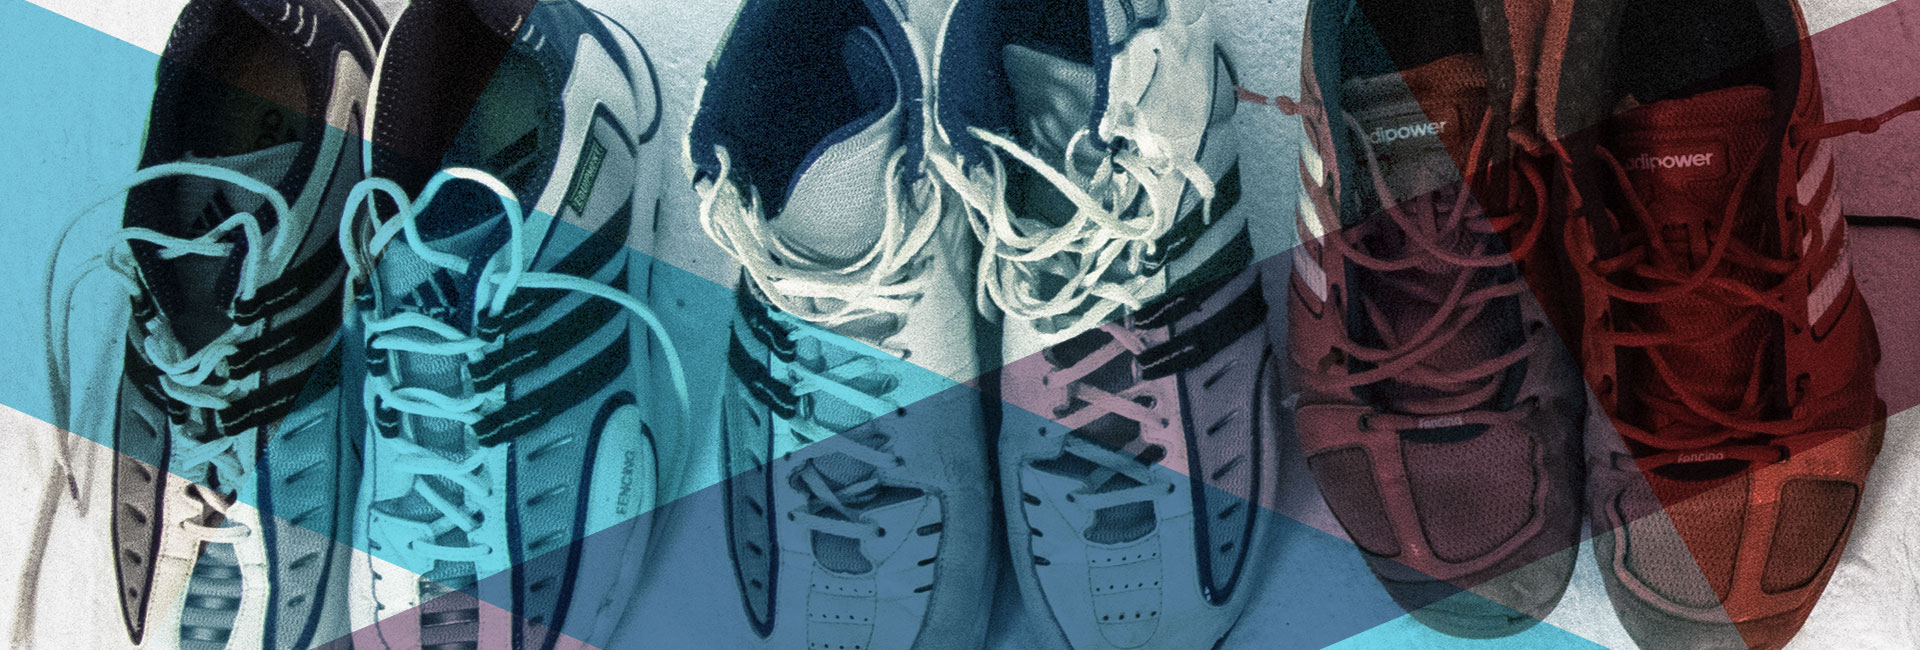 Cabecera de Adidas y las zapatillas de esgrima